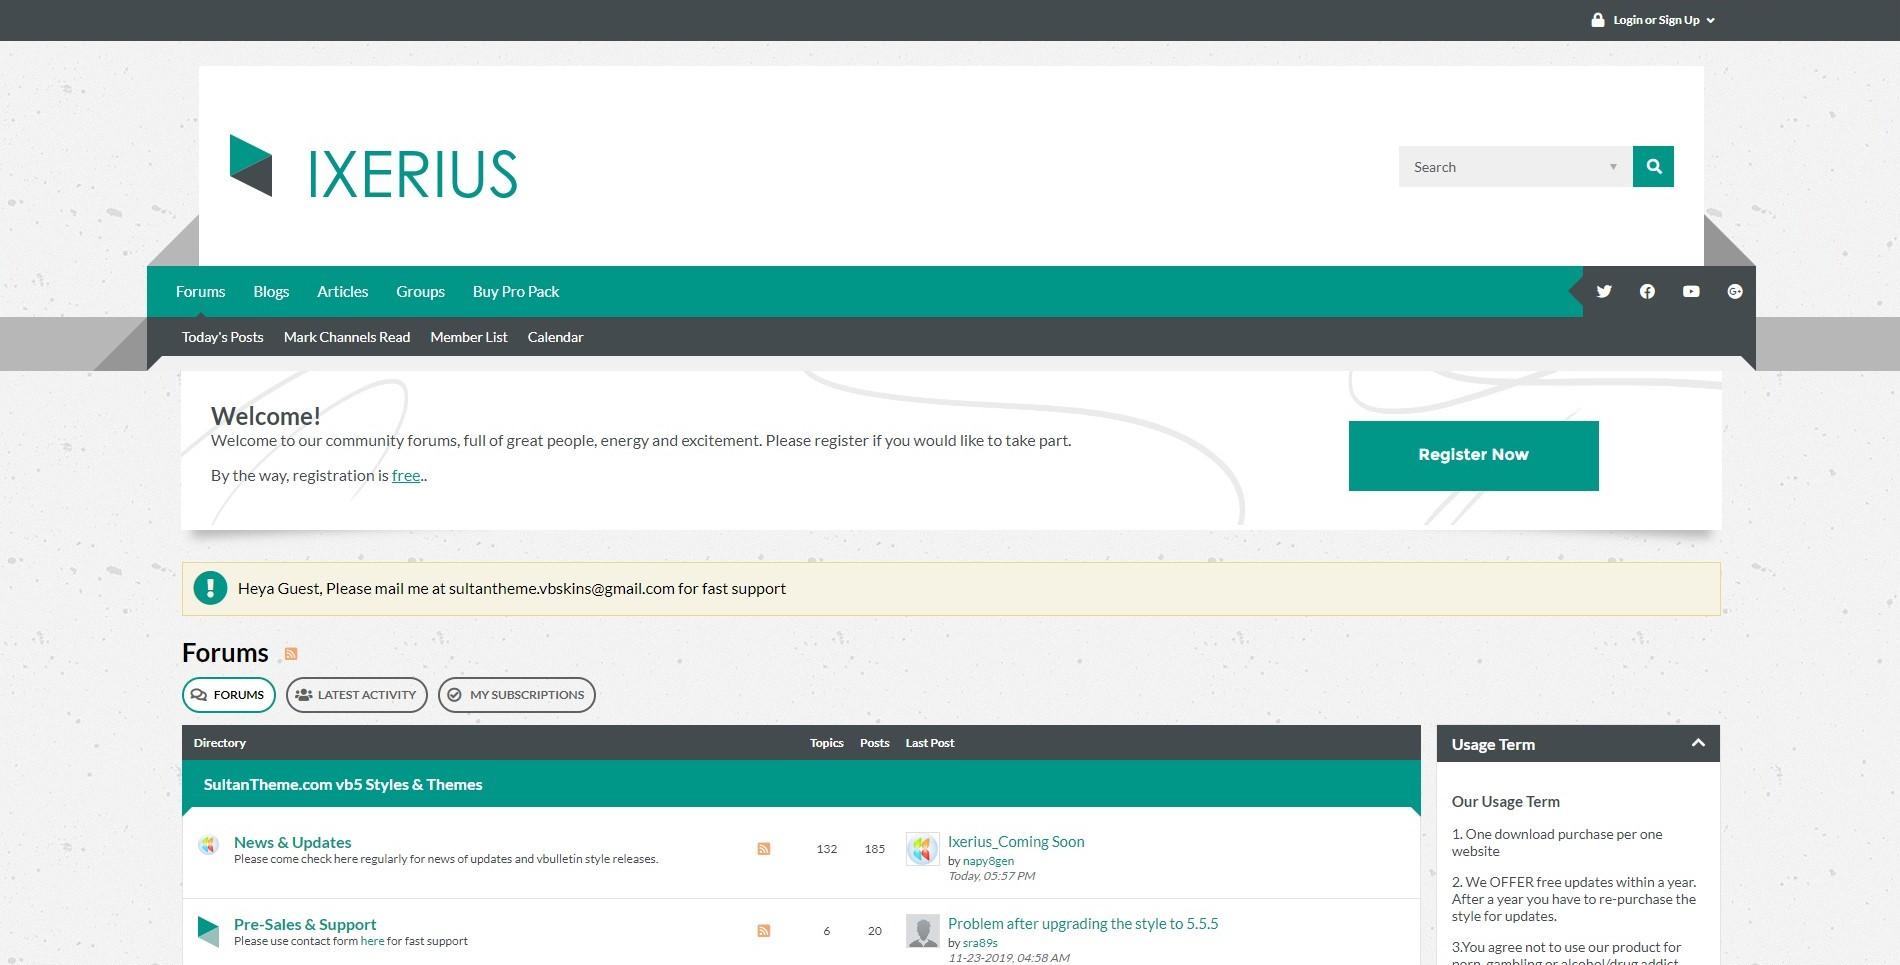 ixerius1 - Ixerius Released